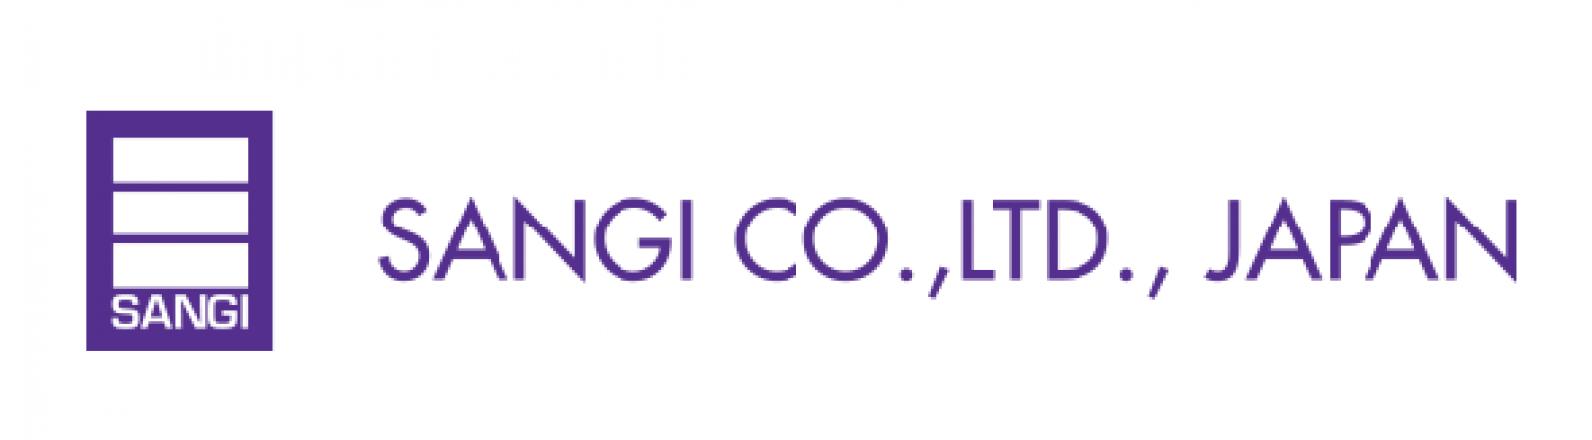 Sangi Co., Ltd - японские зубные пасты Apagard и Apadent